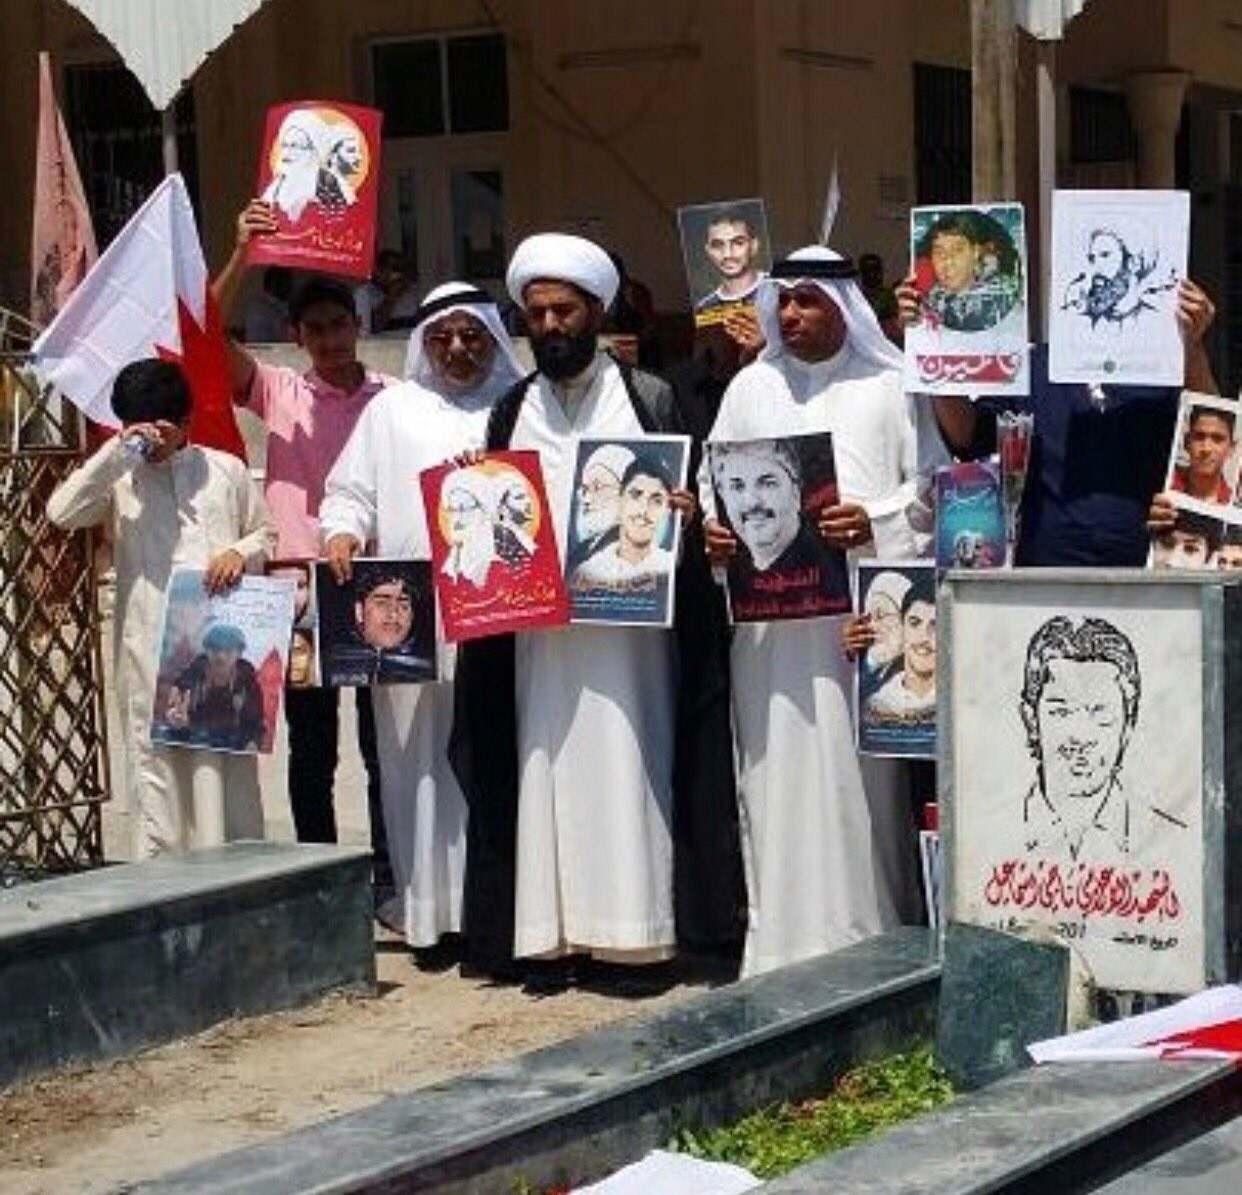 رياض الشهداء تستقبل «أبناء البحرين» في أيام عيد الأضحى المبارك